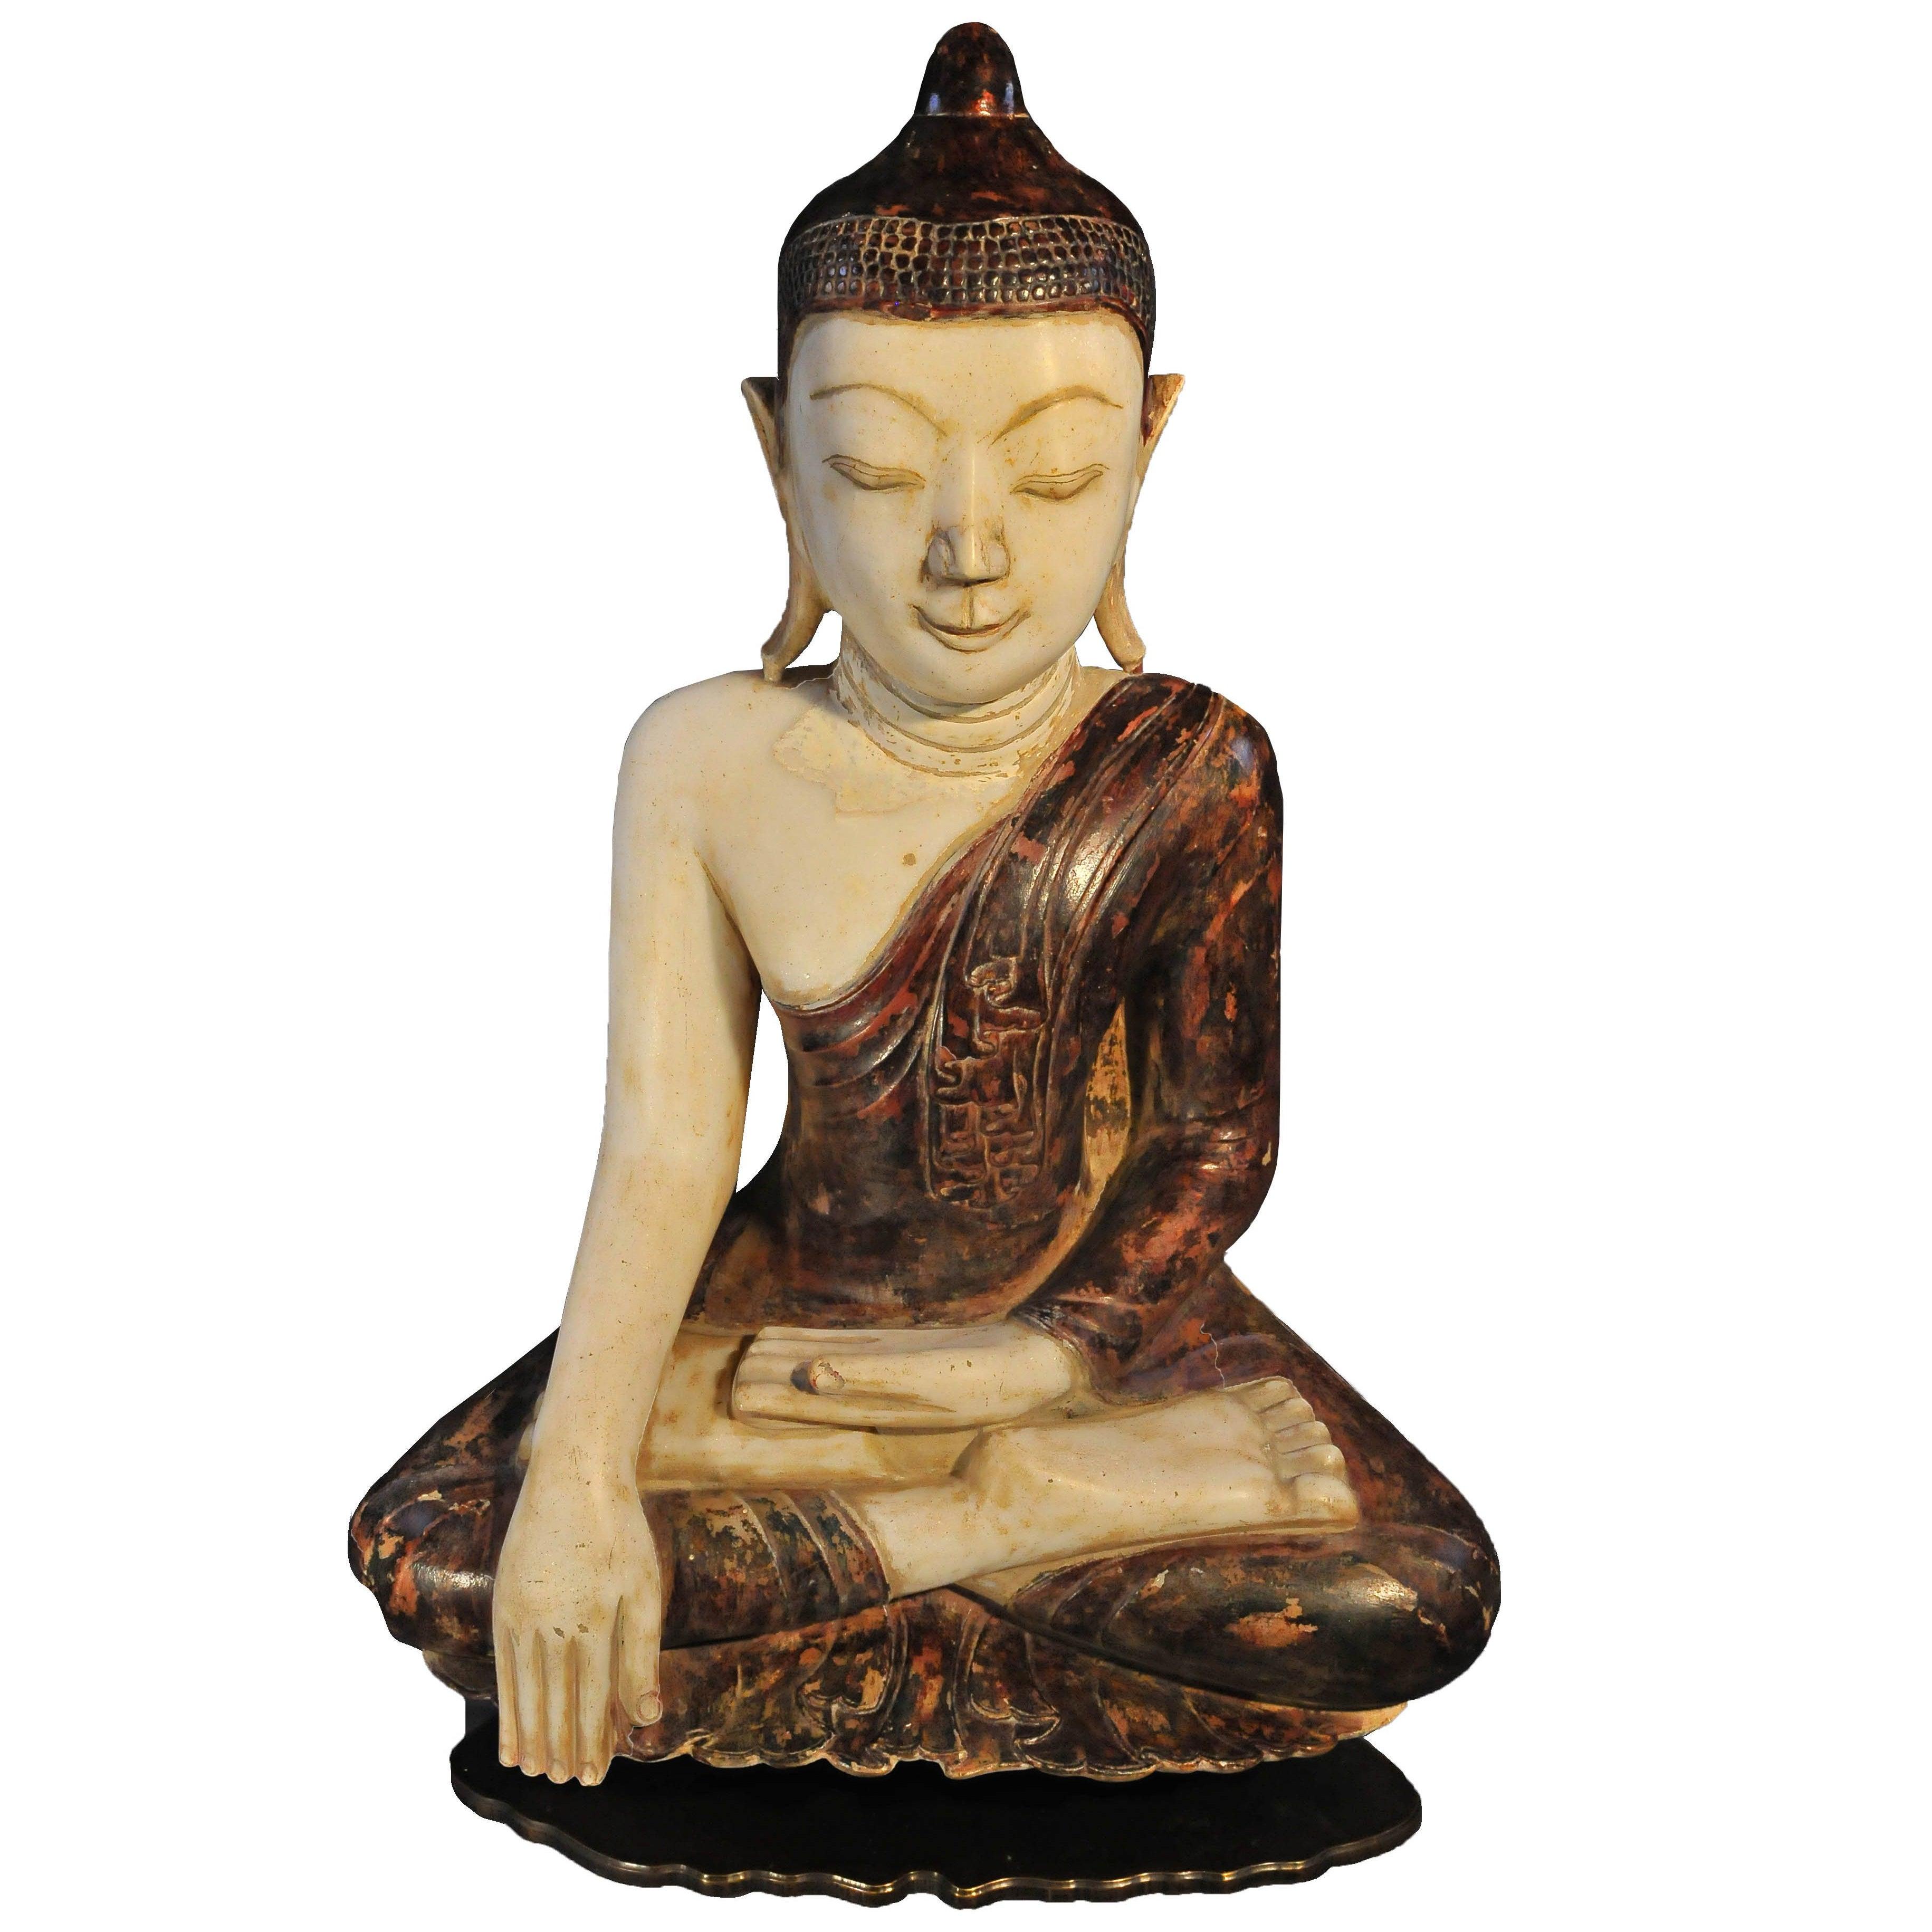 18th Century, Virasana Buddhain Bhumisparsa Mudra, Mandalay Period, Burma